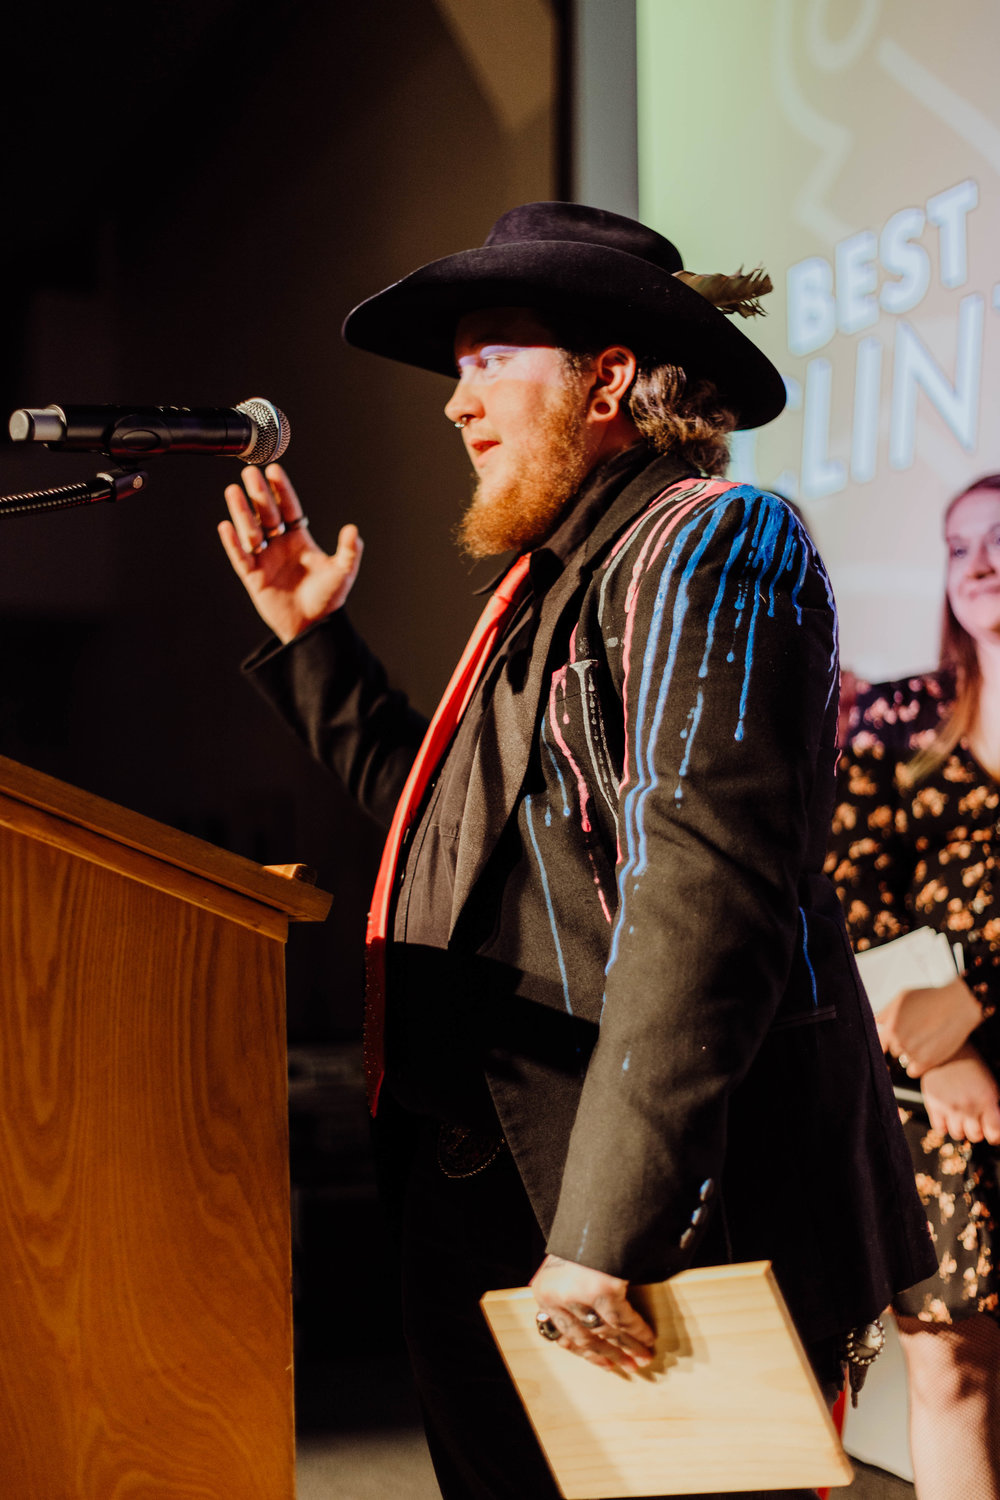 Clint Liquor accepting his award.